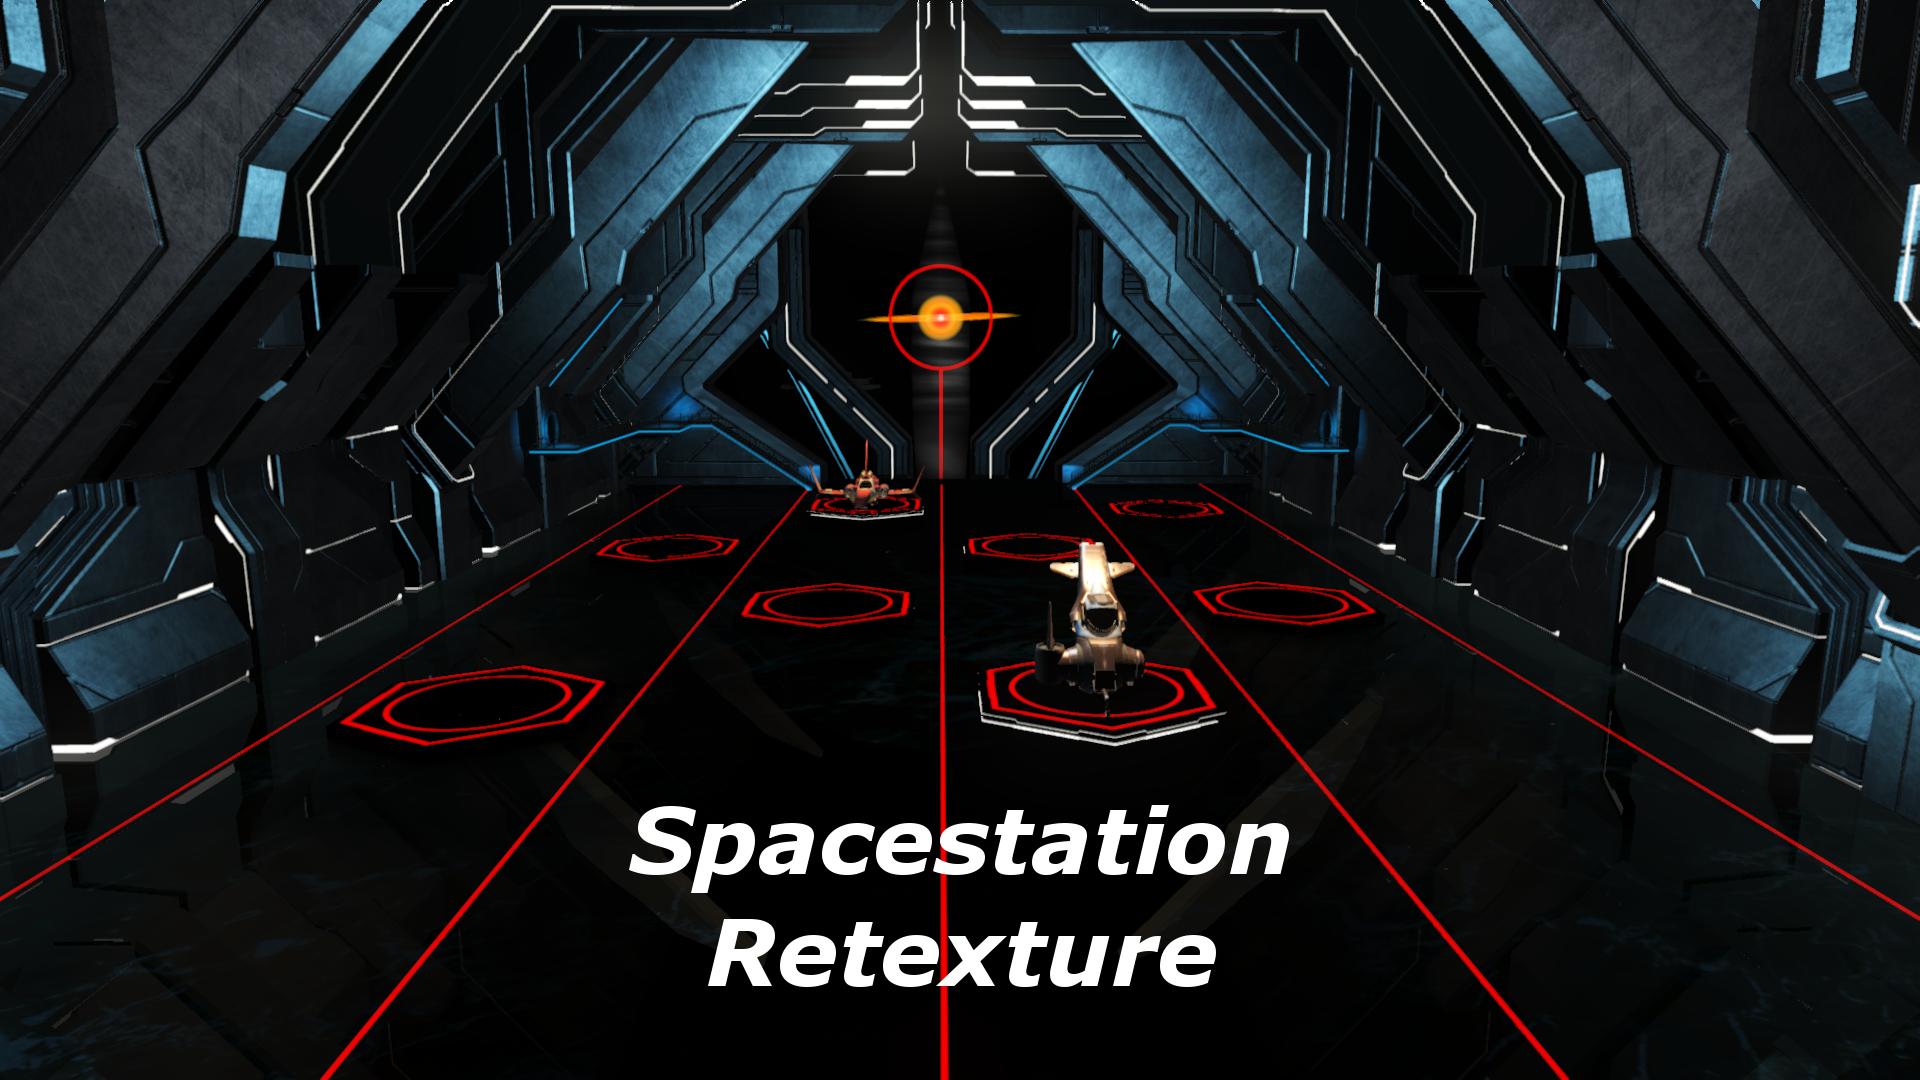 Spacestation Retexture HD + more Colors